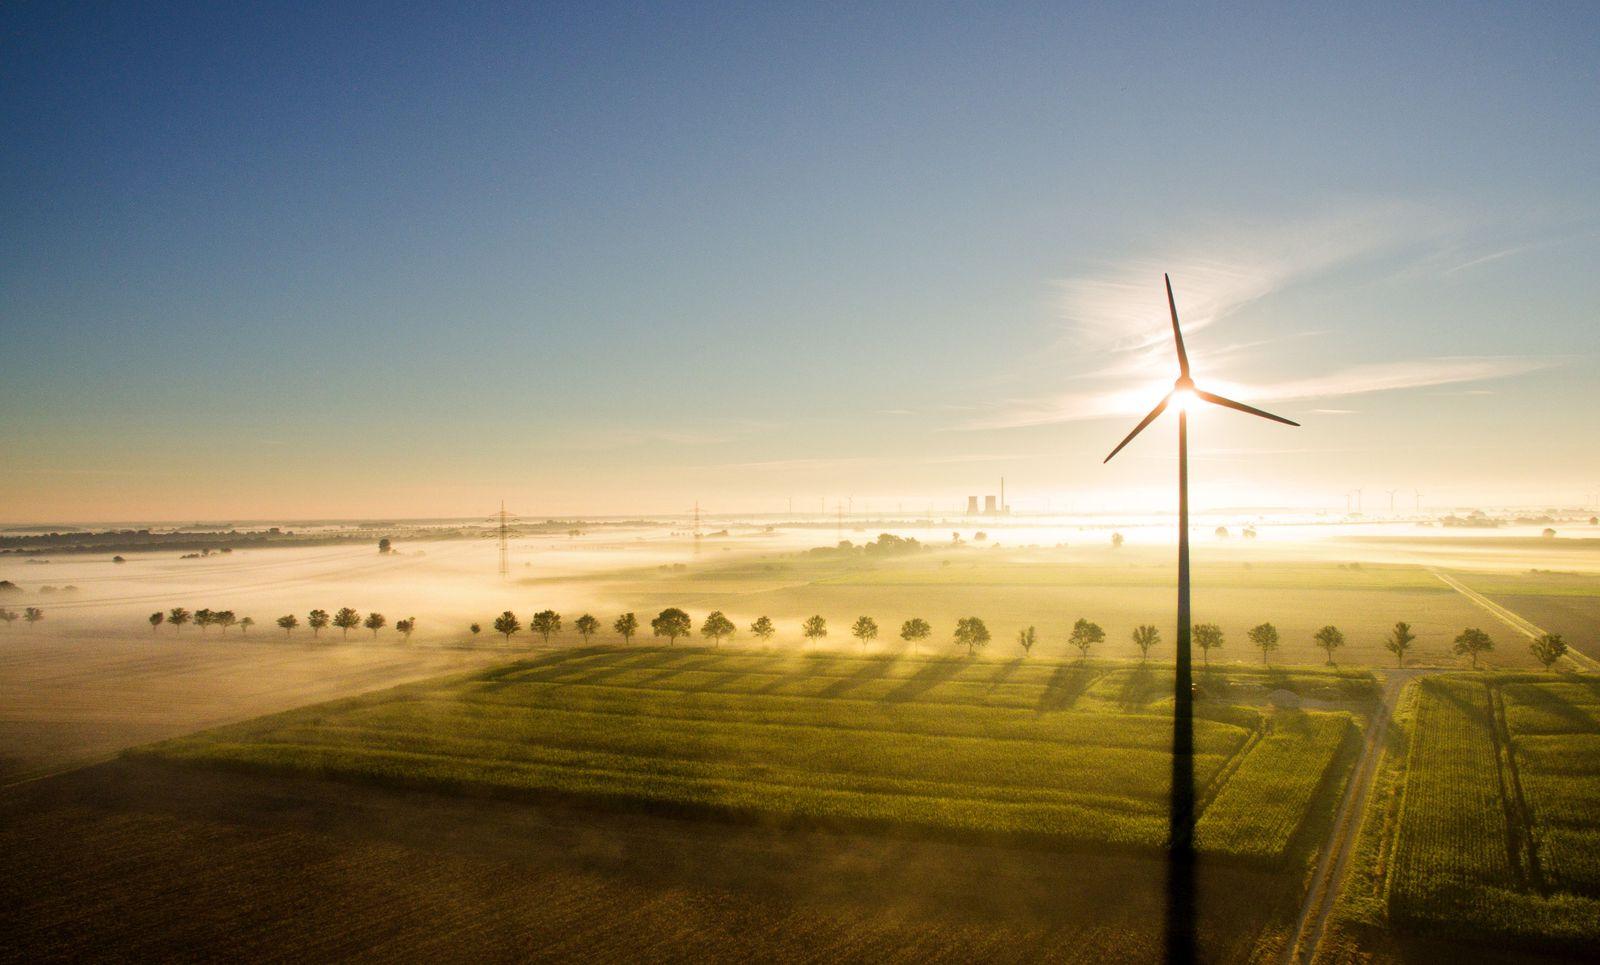 Weil sieht Klimaschutzmaßnahmen als Wachstumsmotor